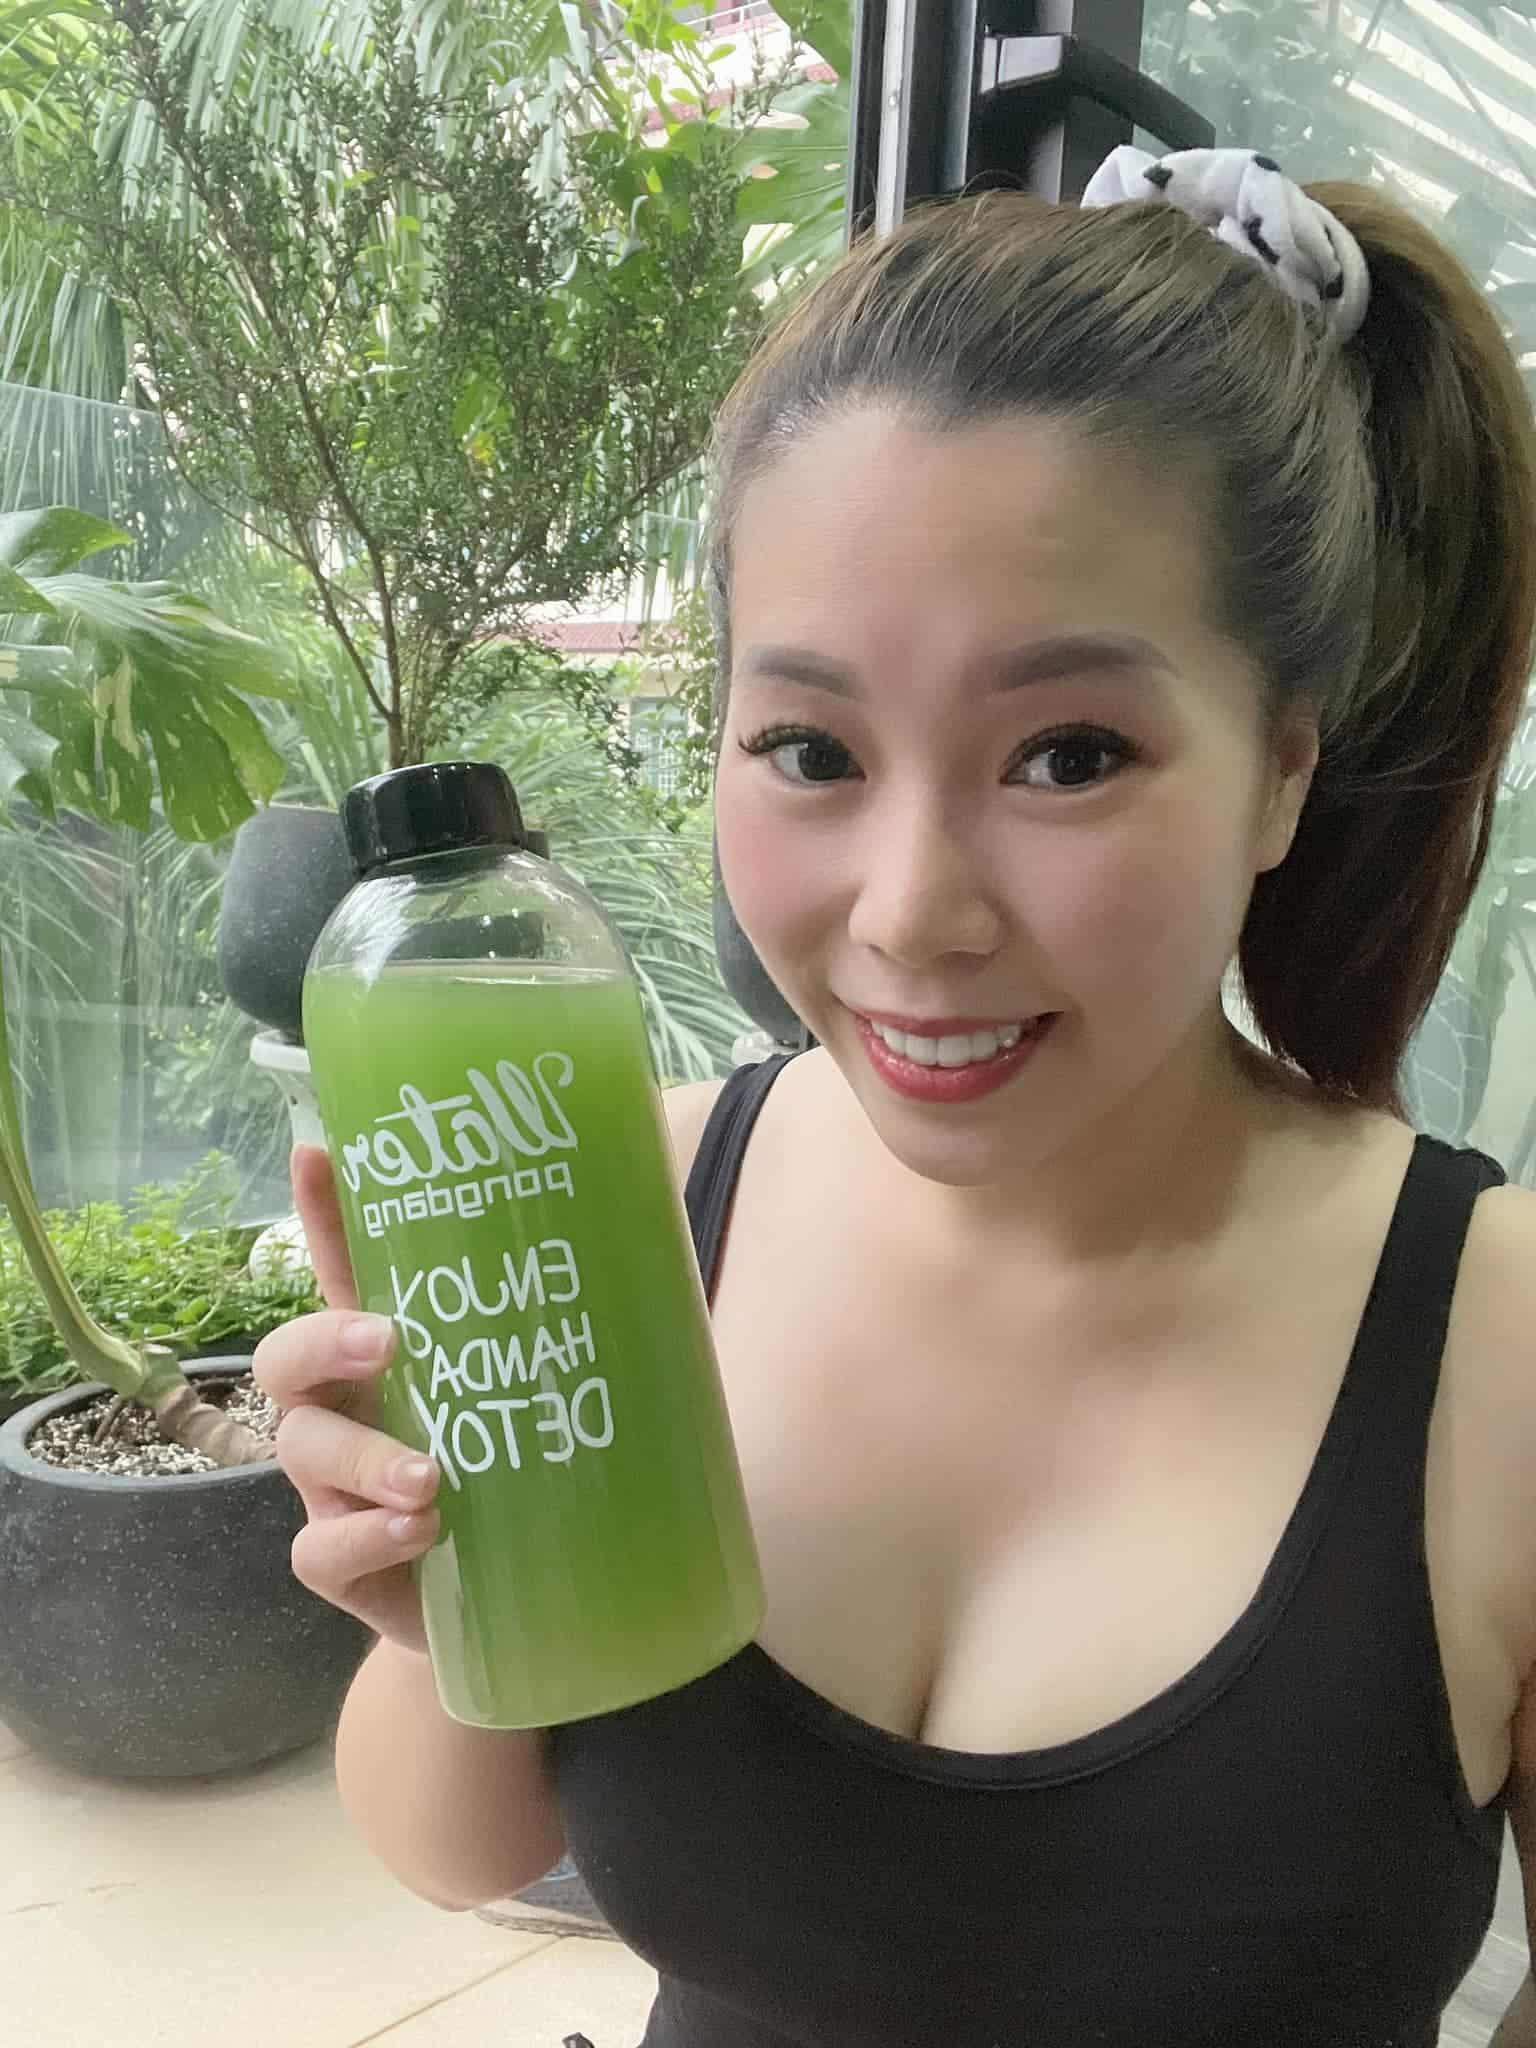 Bà xã Hồng Đăng uống loại thần dược xanh lè mỗi ngày 2 lít, giárẻ bèo thay luôn nước lọc